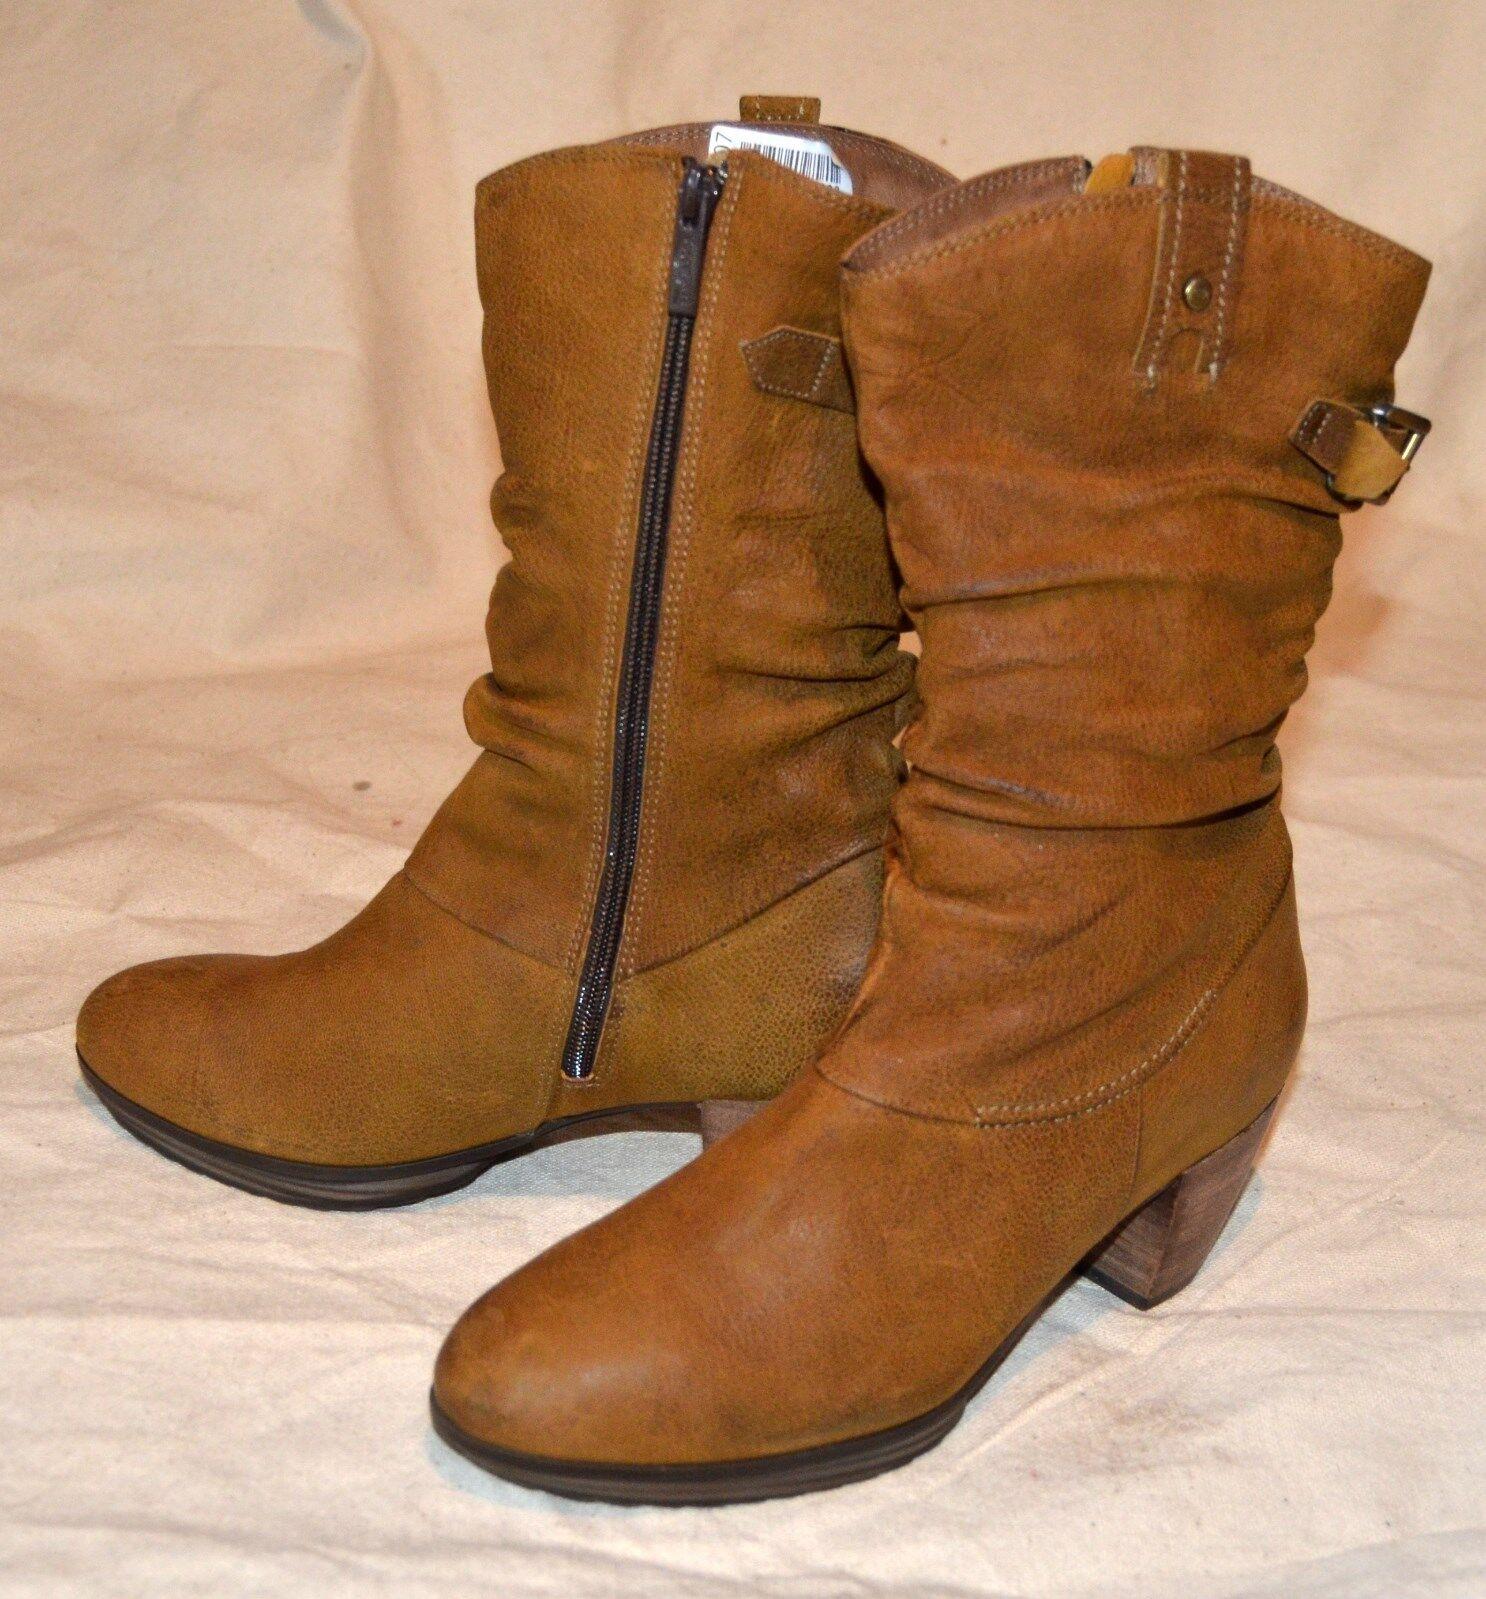 Softwaves botas talla noble 38,5 botas de invierno 100% cuero noble talla cómomujerte 179,- euro ms223 0dabaf